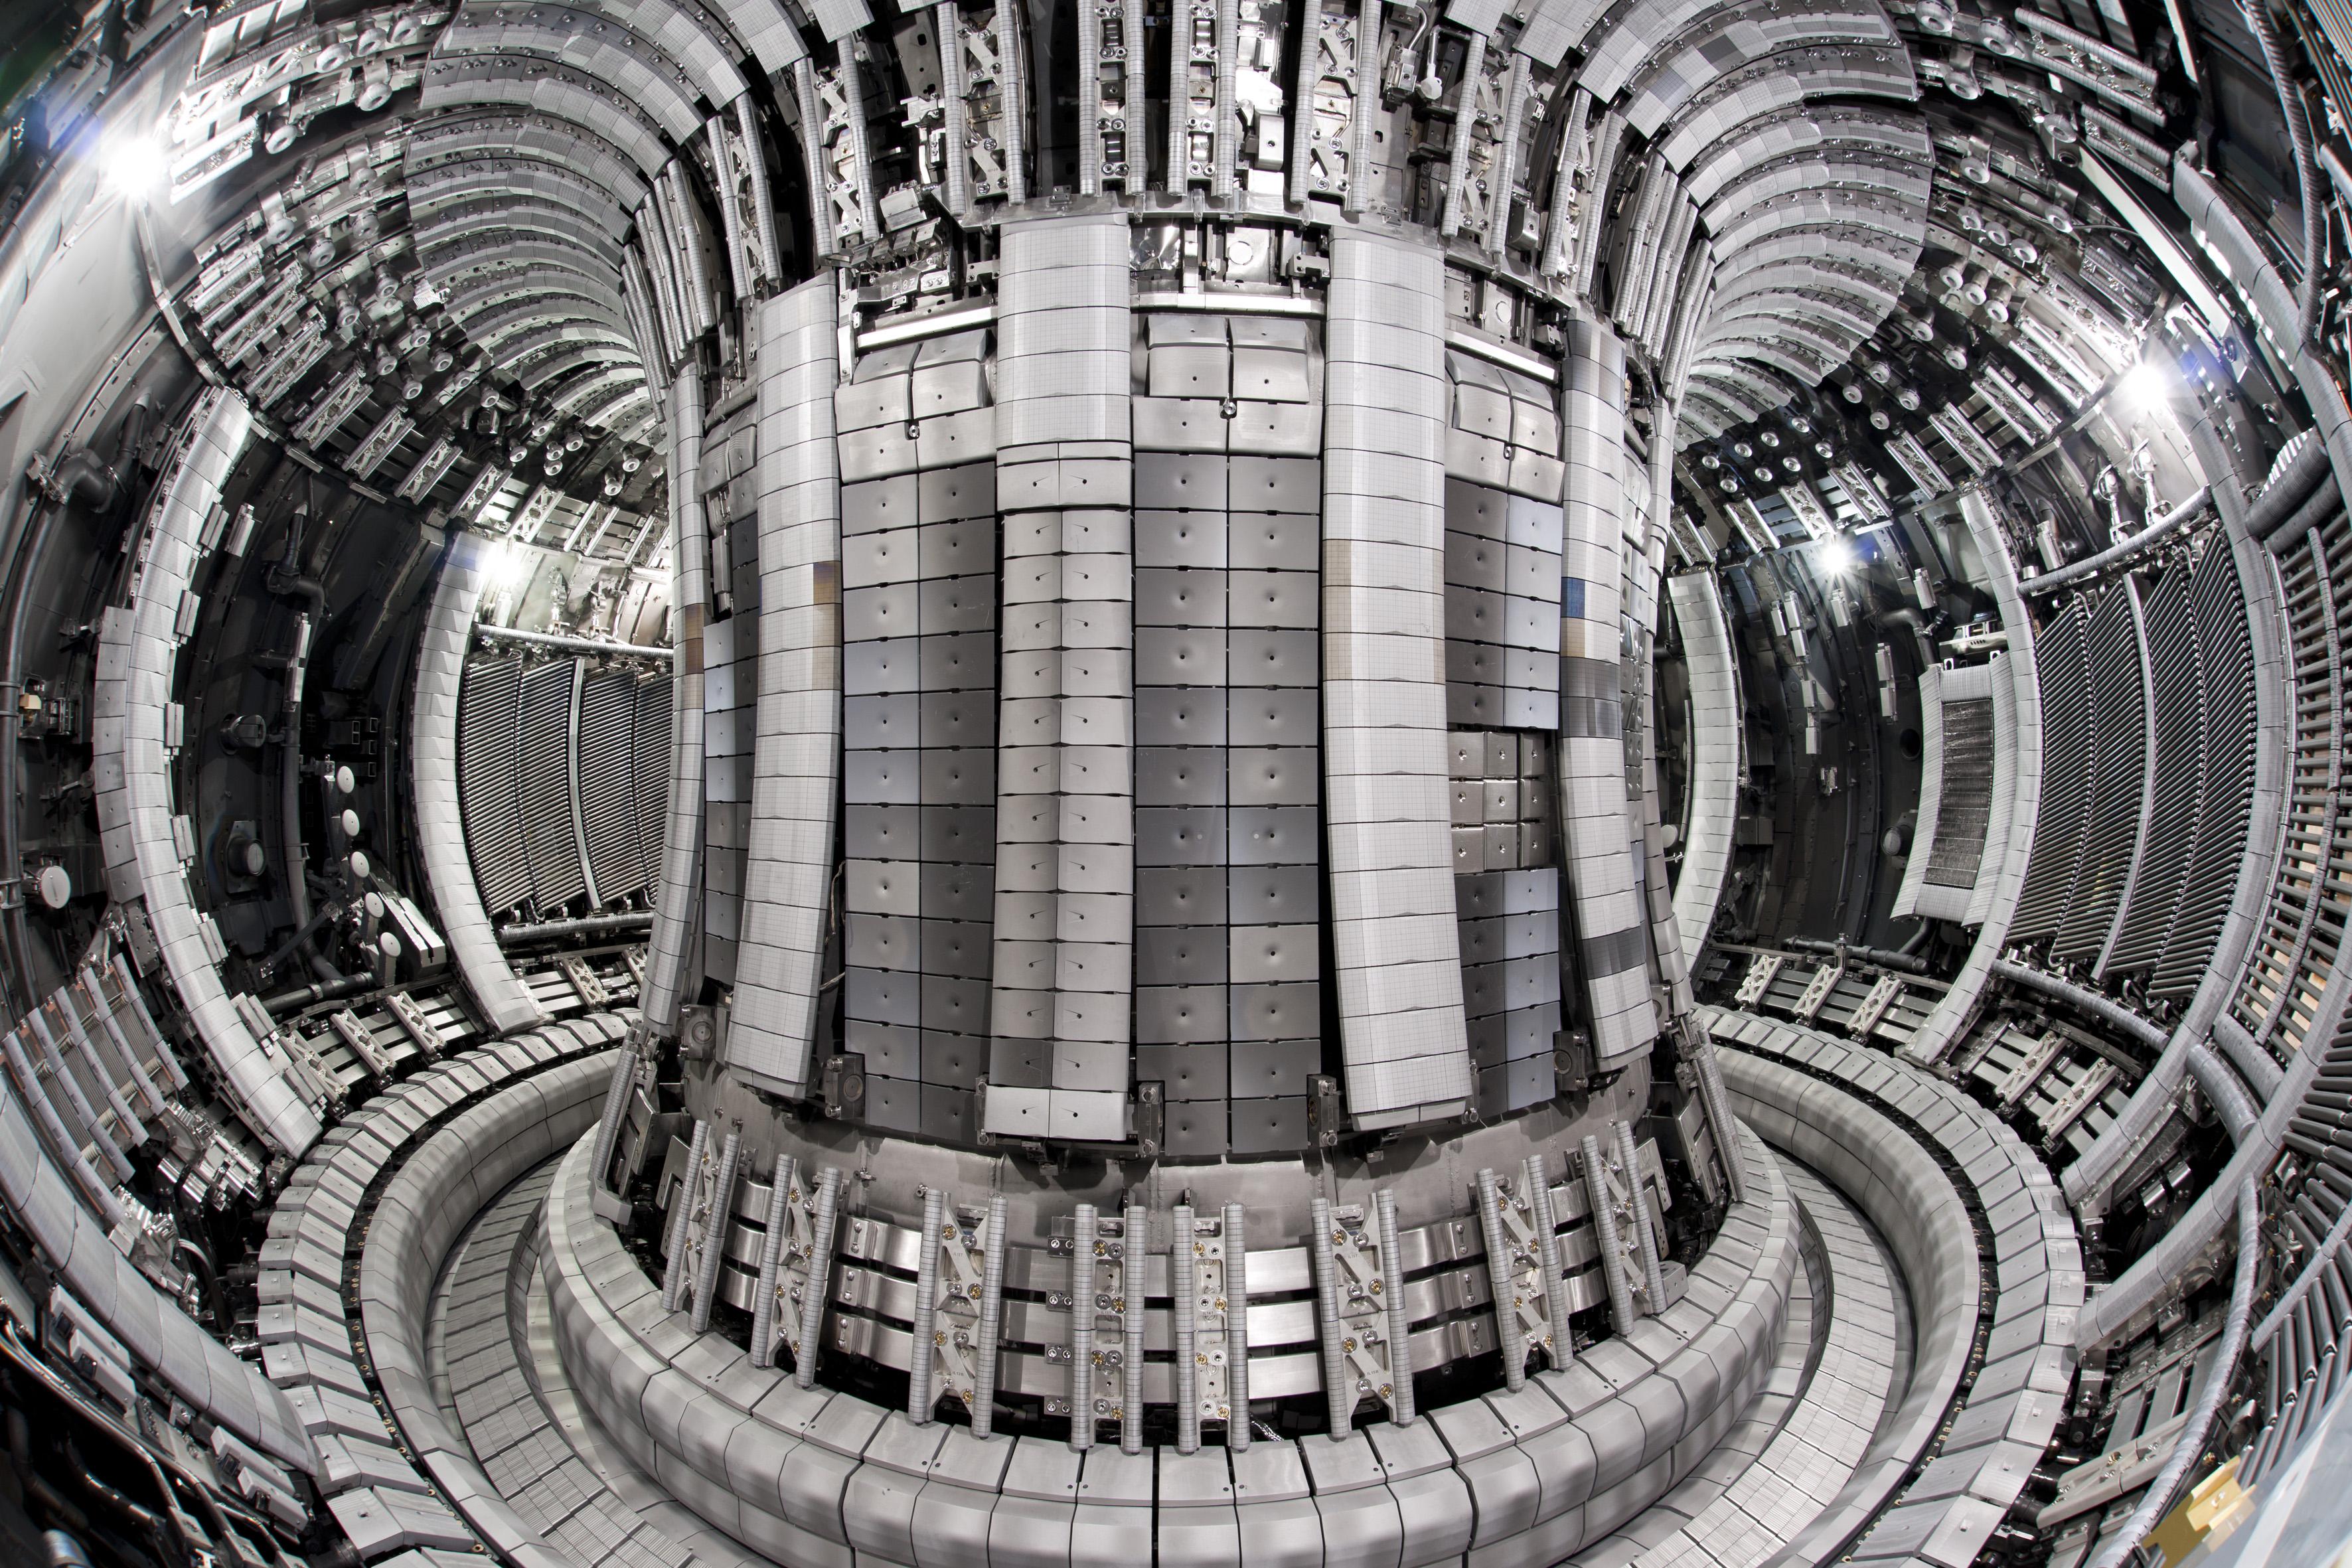 ITER – zařízení v hodnotě 14 miliard dolarů má zahájit novou éru výzkumu jaderné fúze